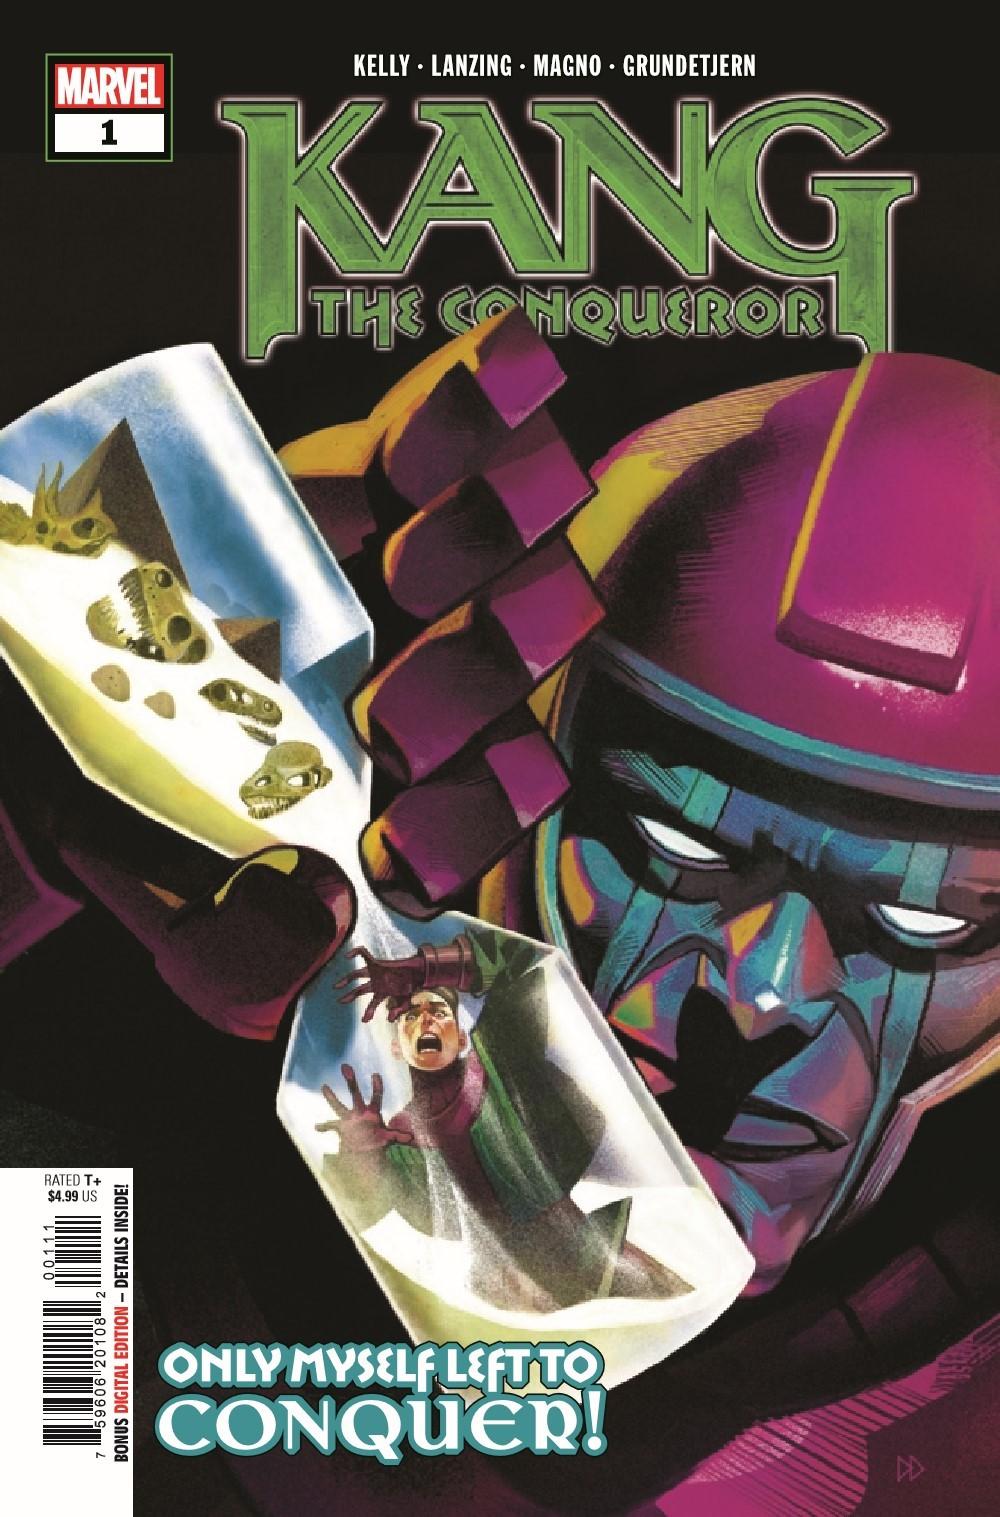 KANGCONQUEROR2021001_Preview-1 ComicList Previews: KANG THE CONQUEROR #1 (OF 5)